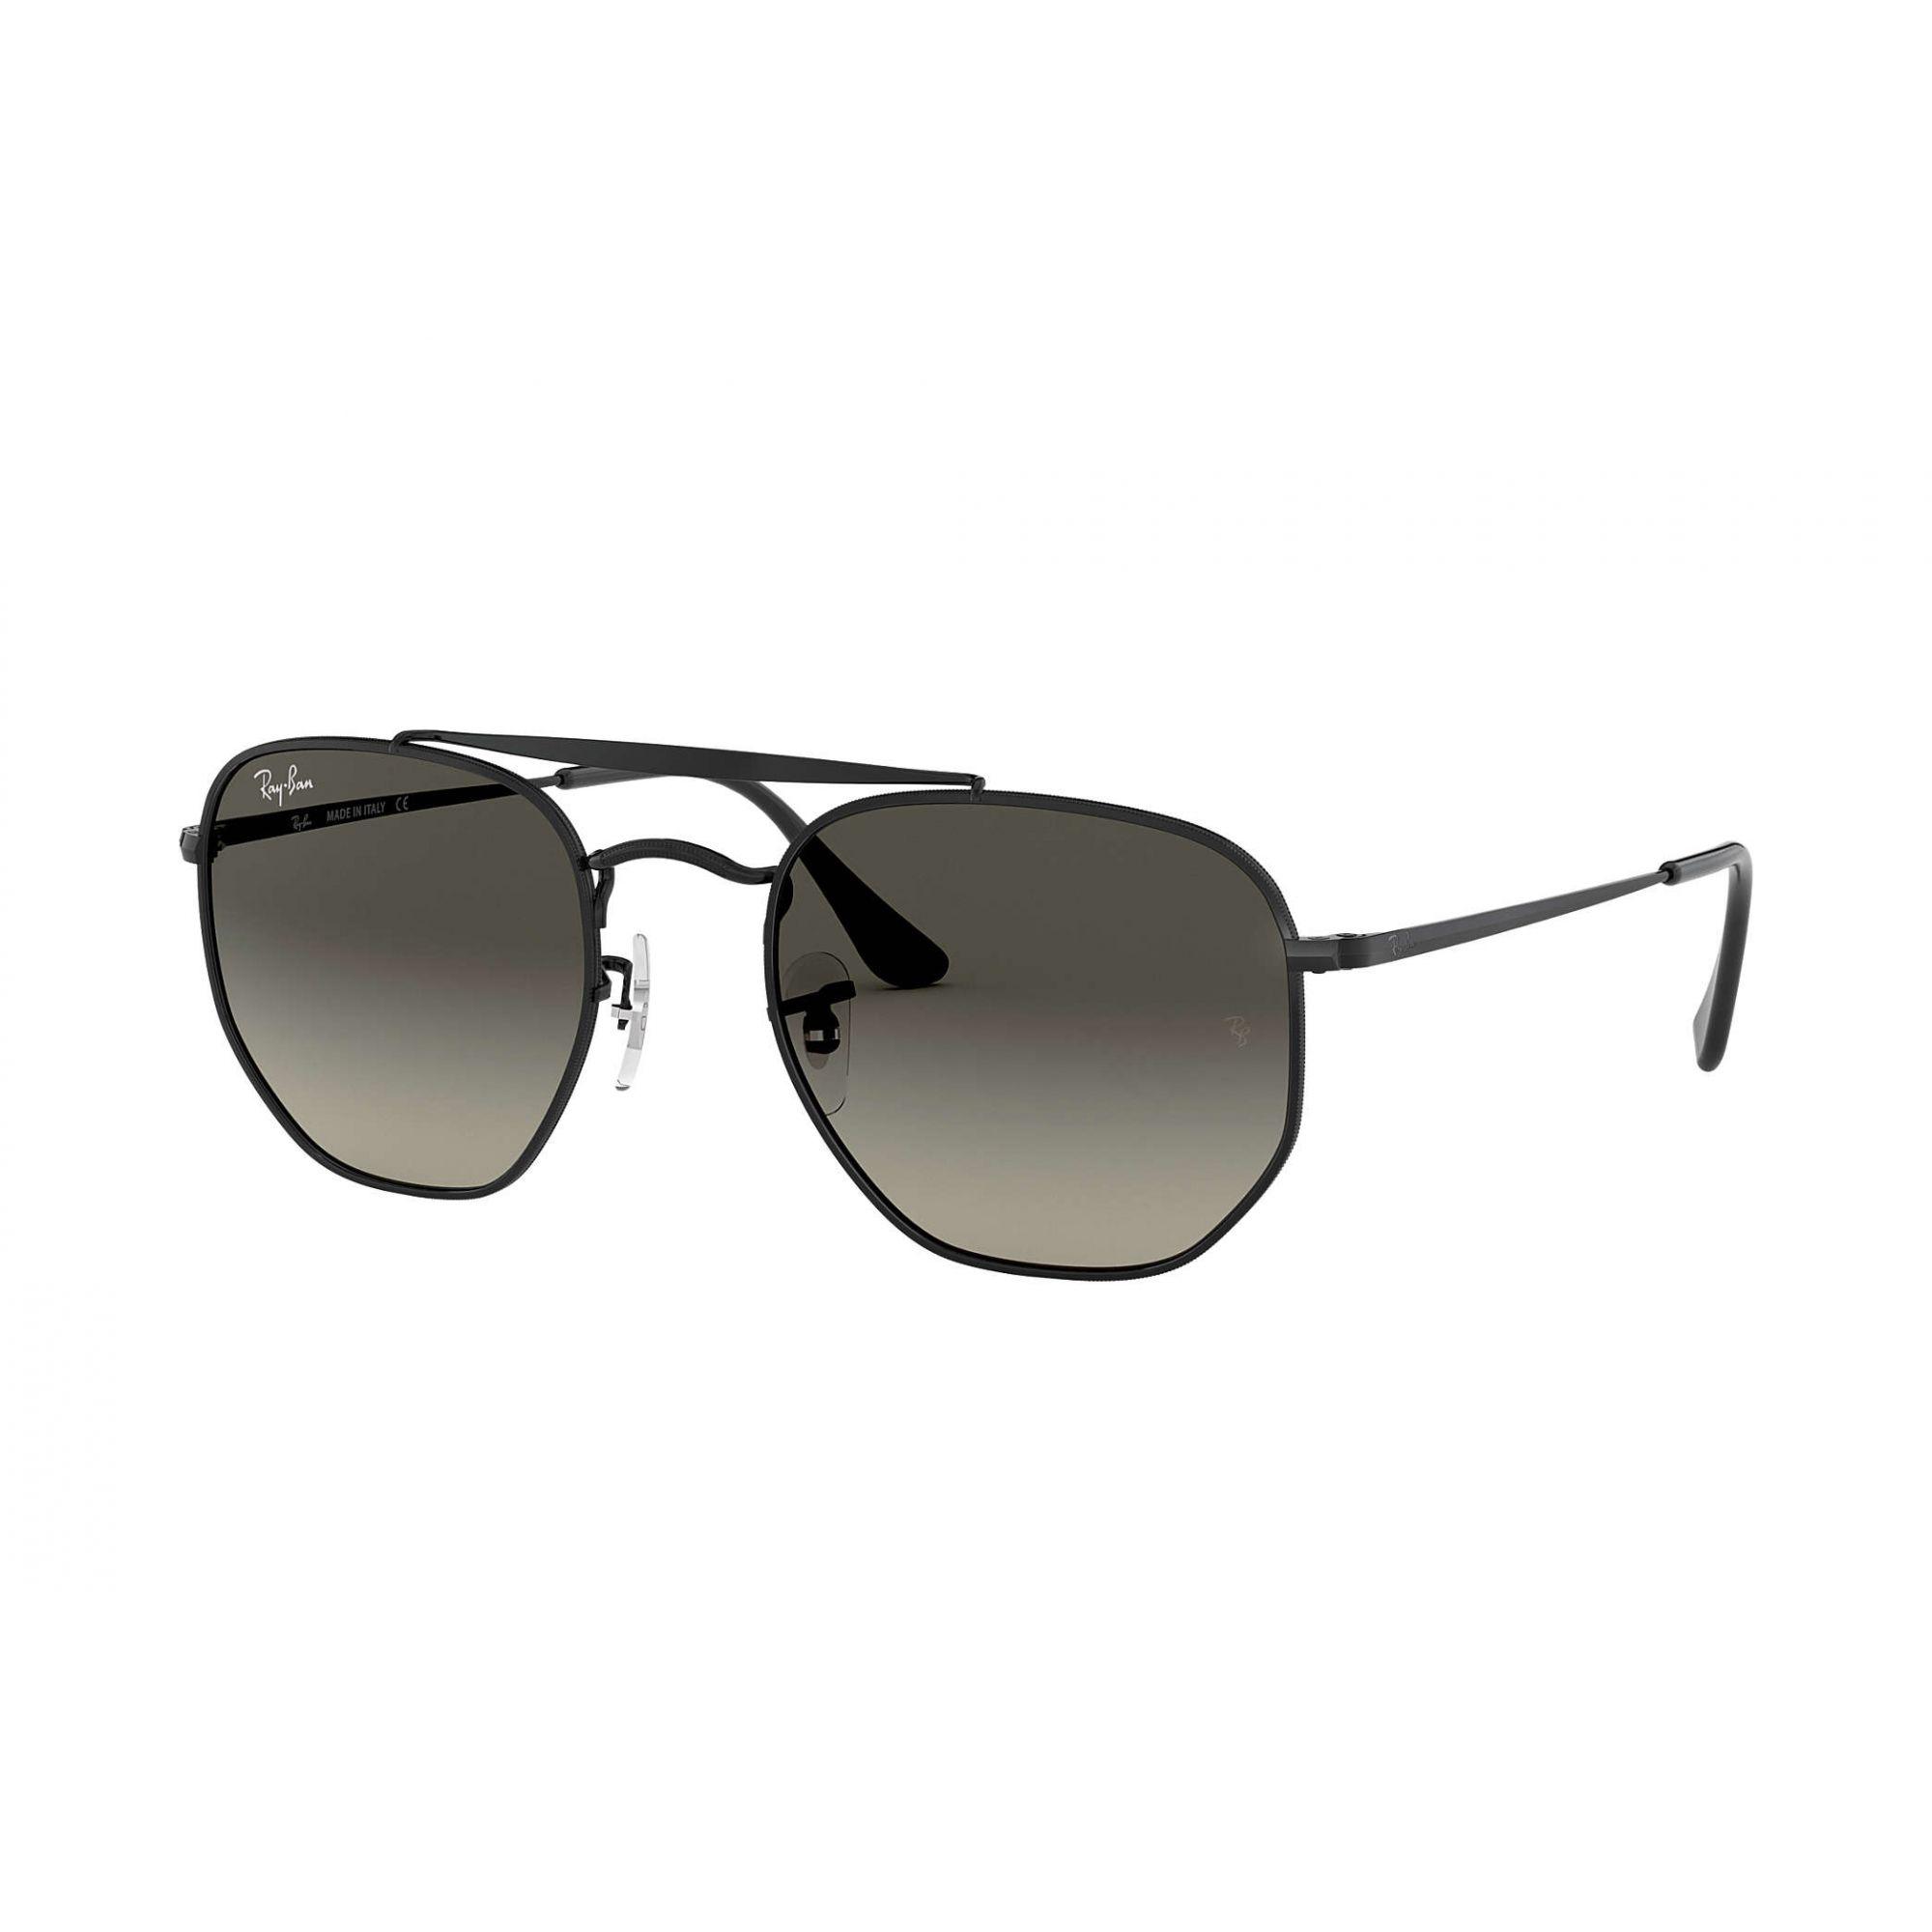 Ray Ban - RB3648L 0027154 - Óculos de sol